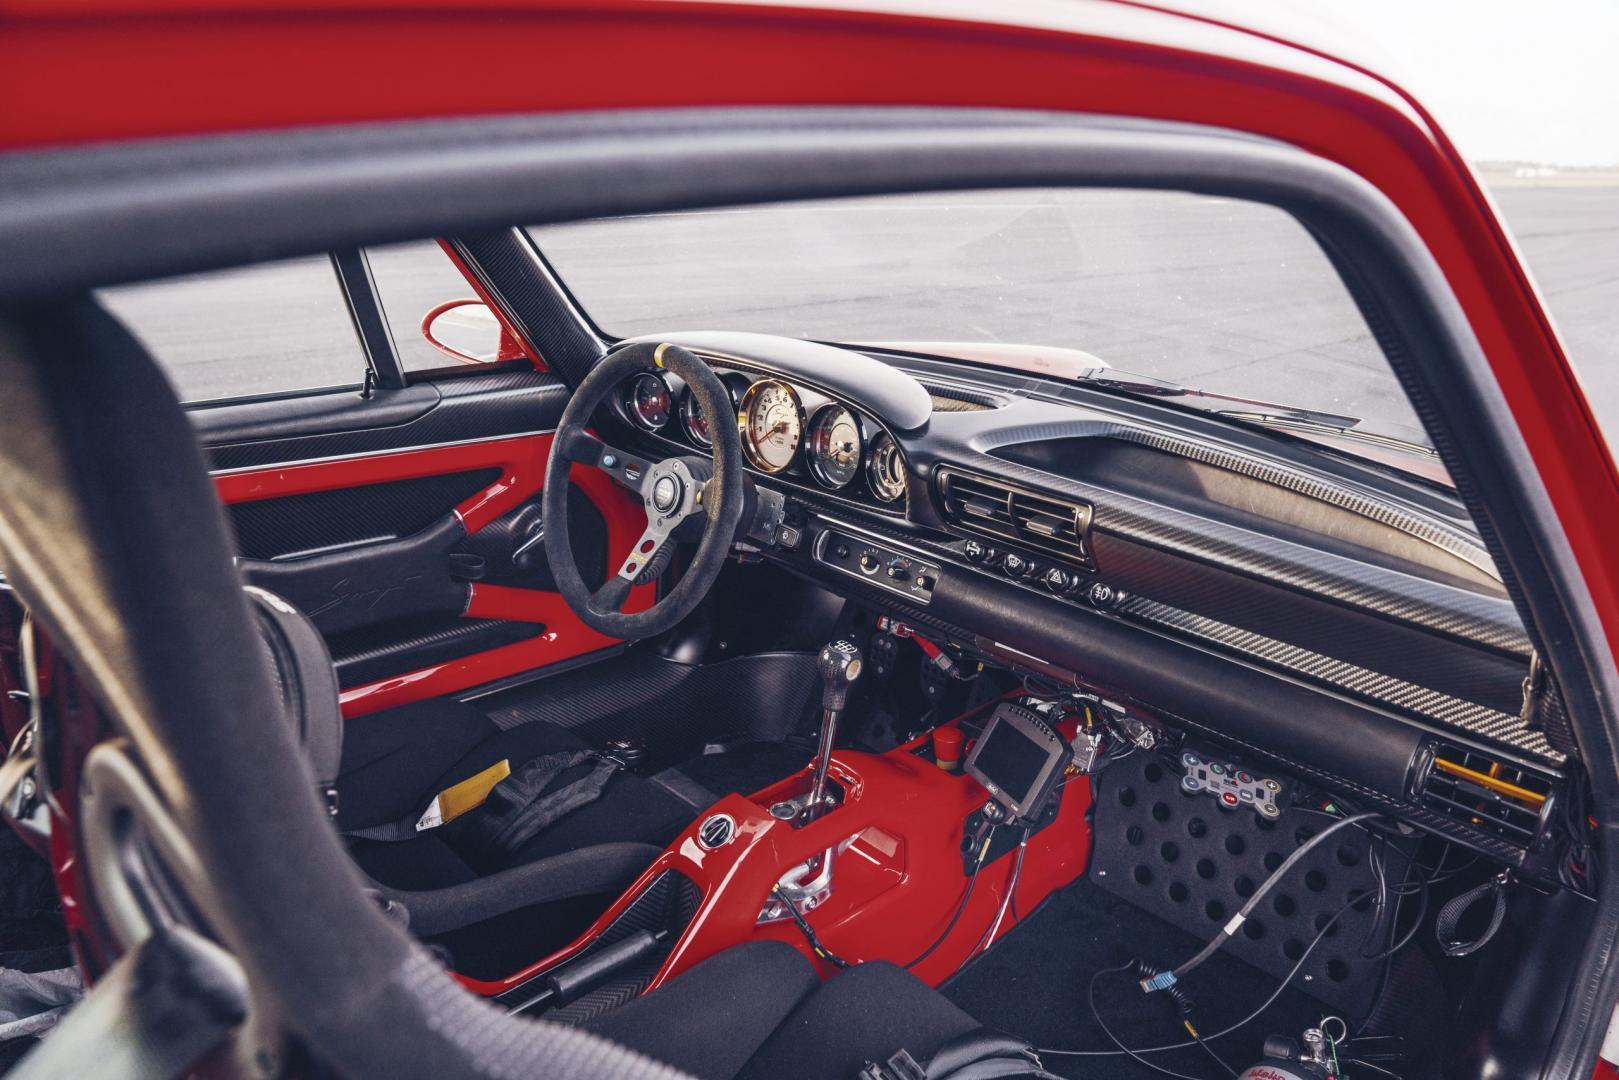 Porsche 911 Singer DLS interieur